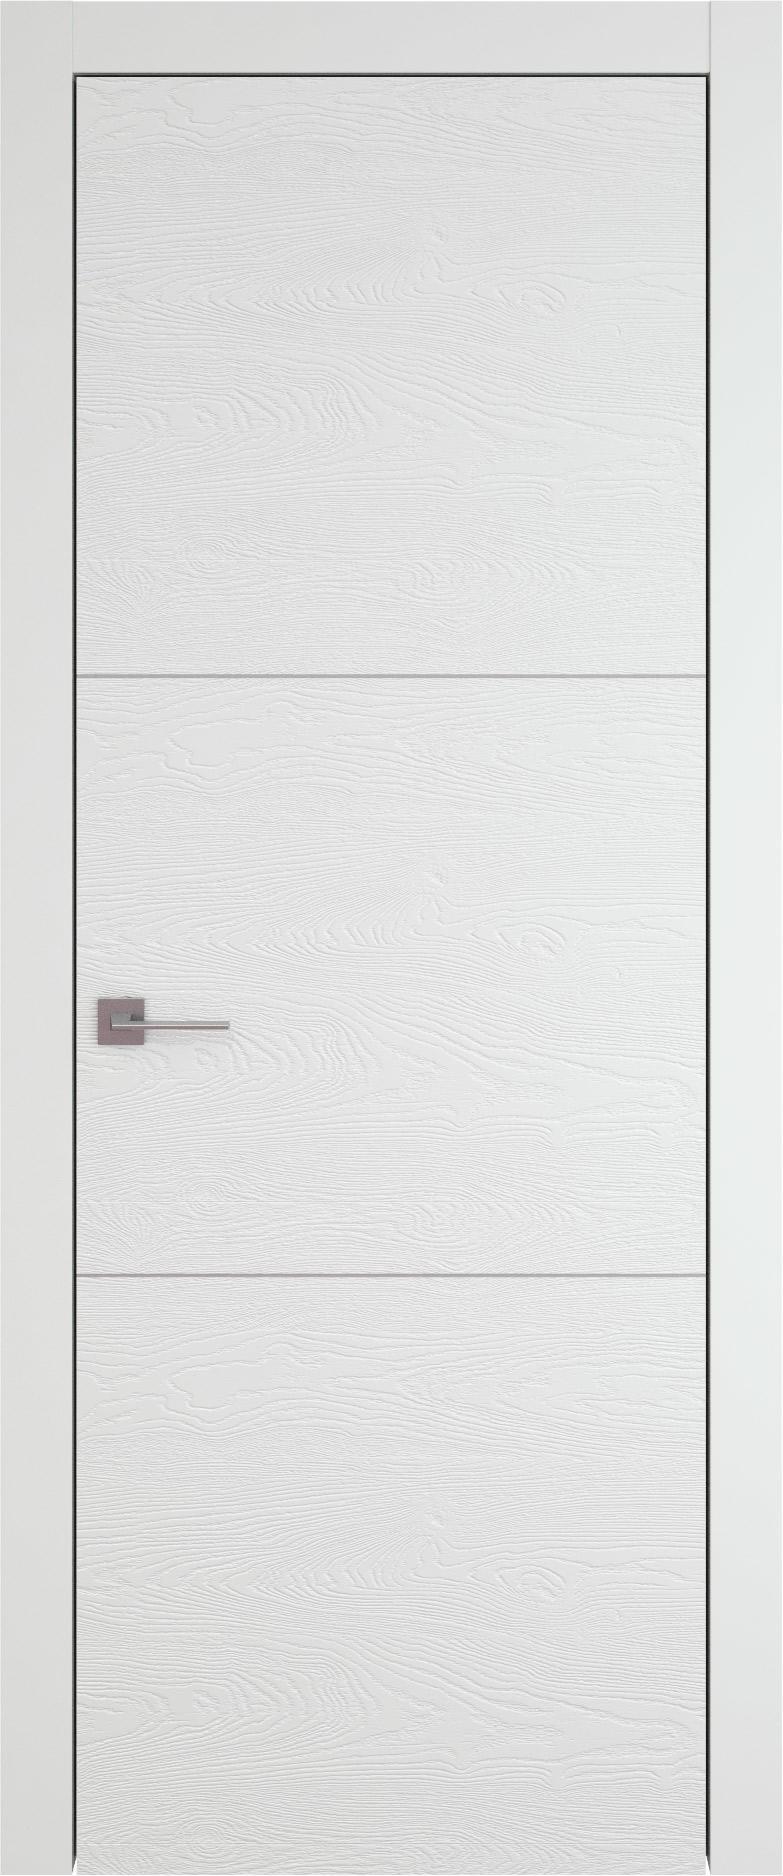 Tivoli В-3 цвет - Белая эмаль по шпону (RAL 9003) Без стекла (ДГ)